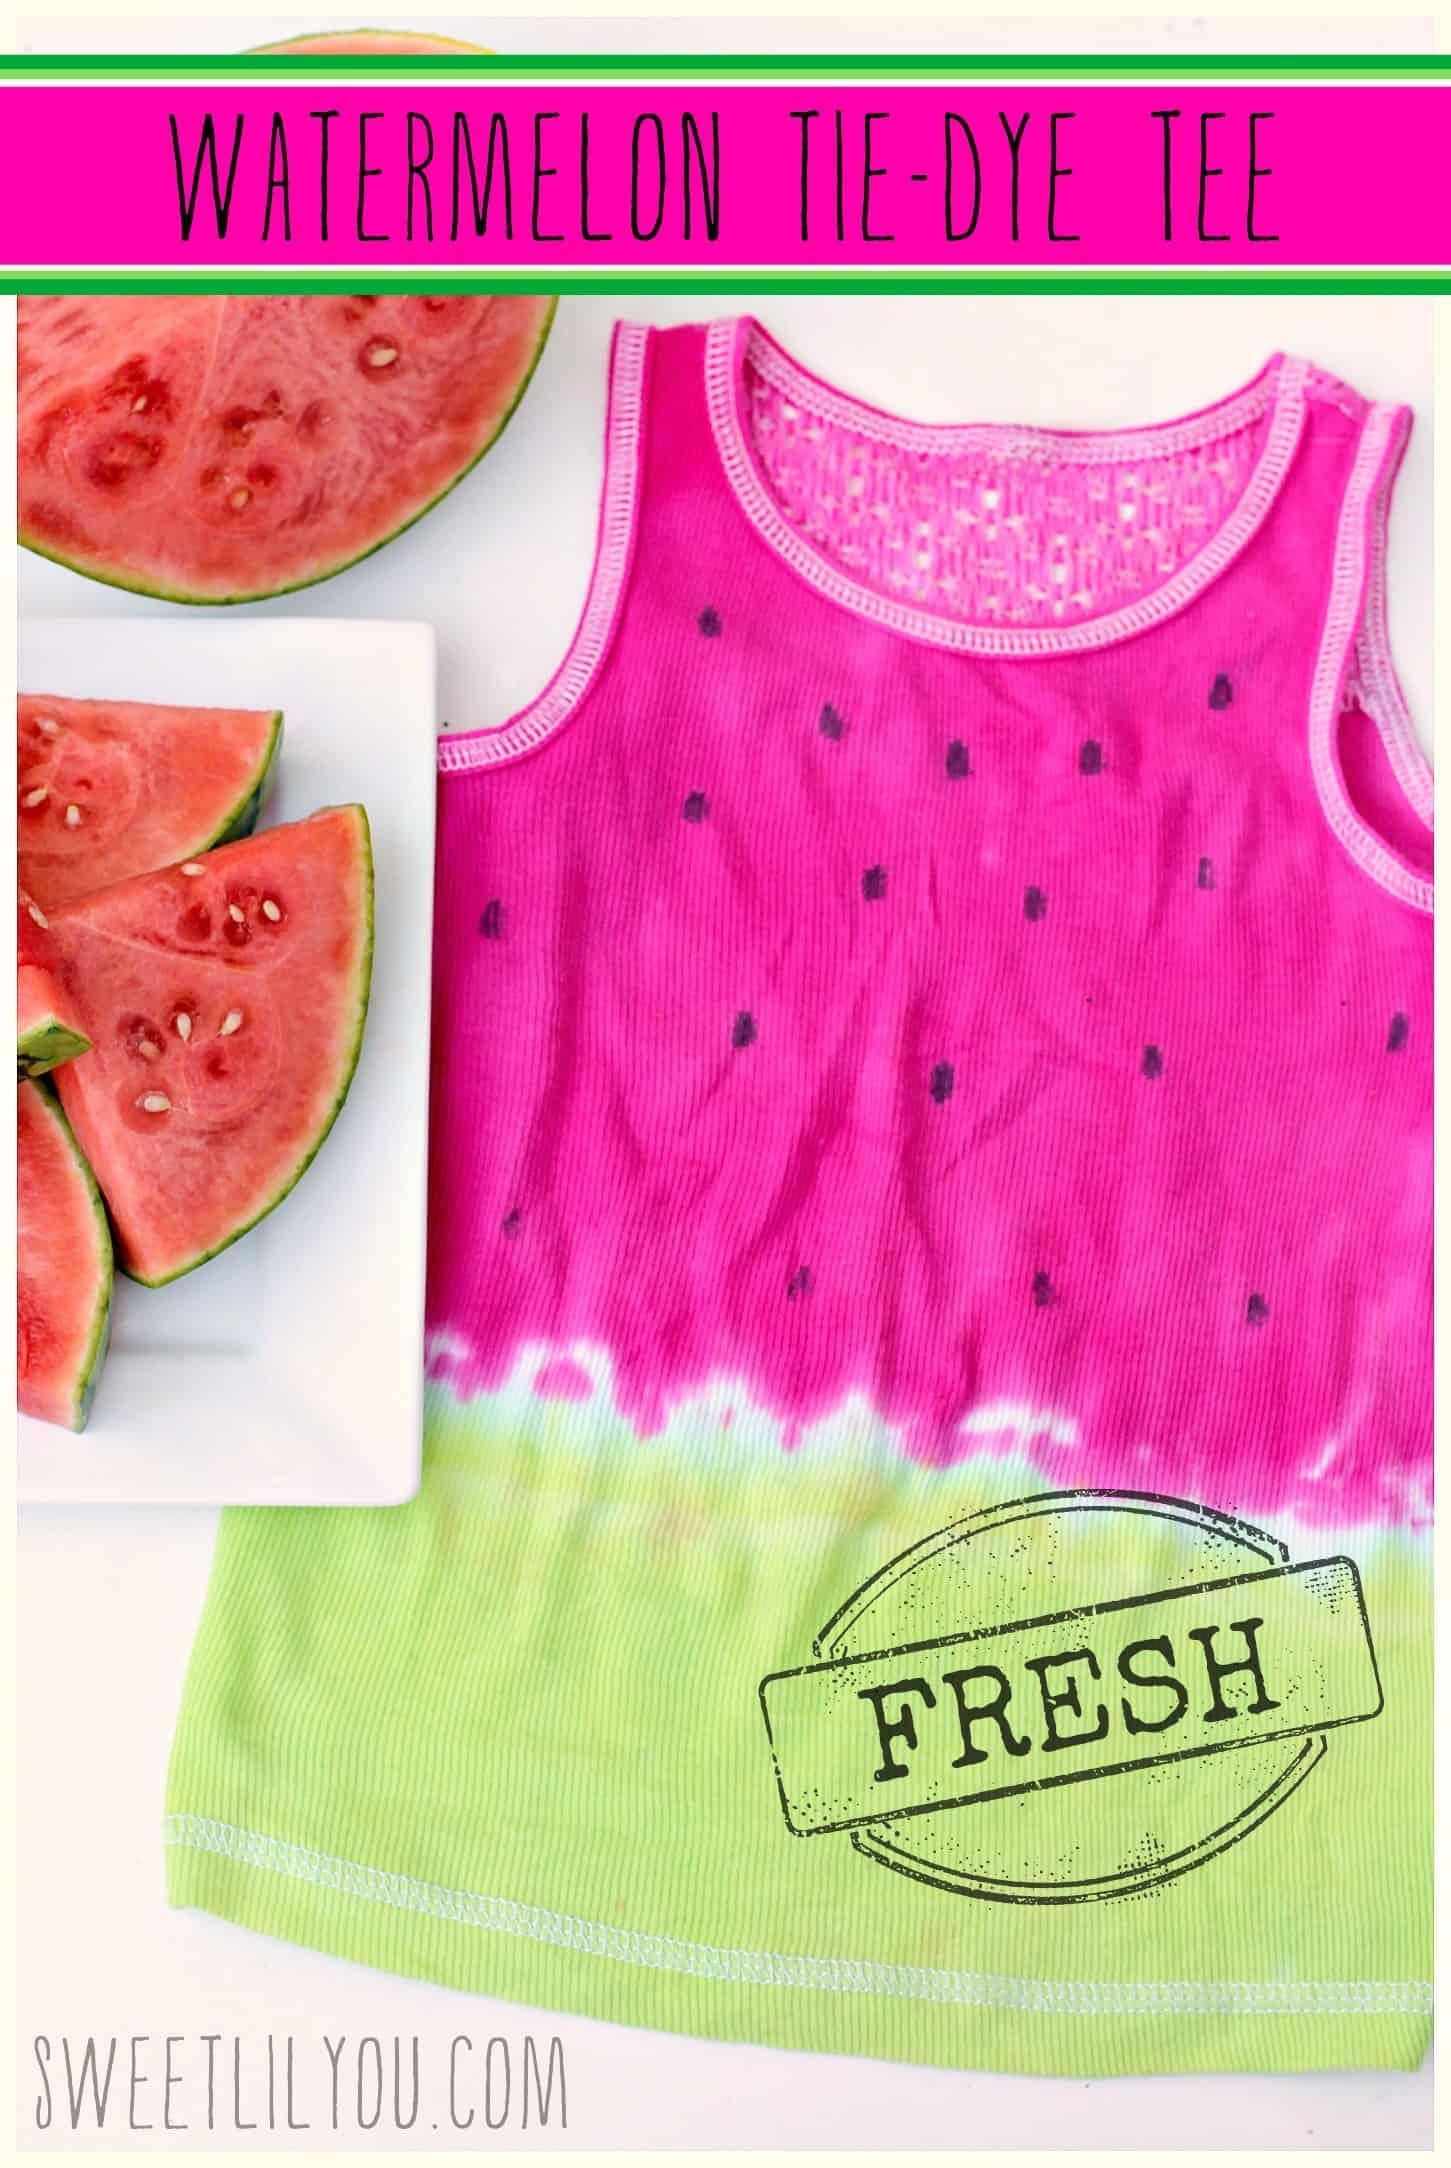 Watermelon tie dye tee